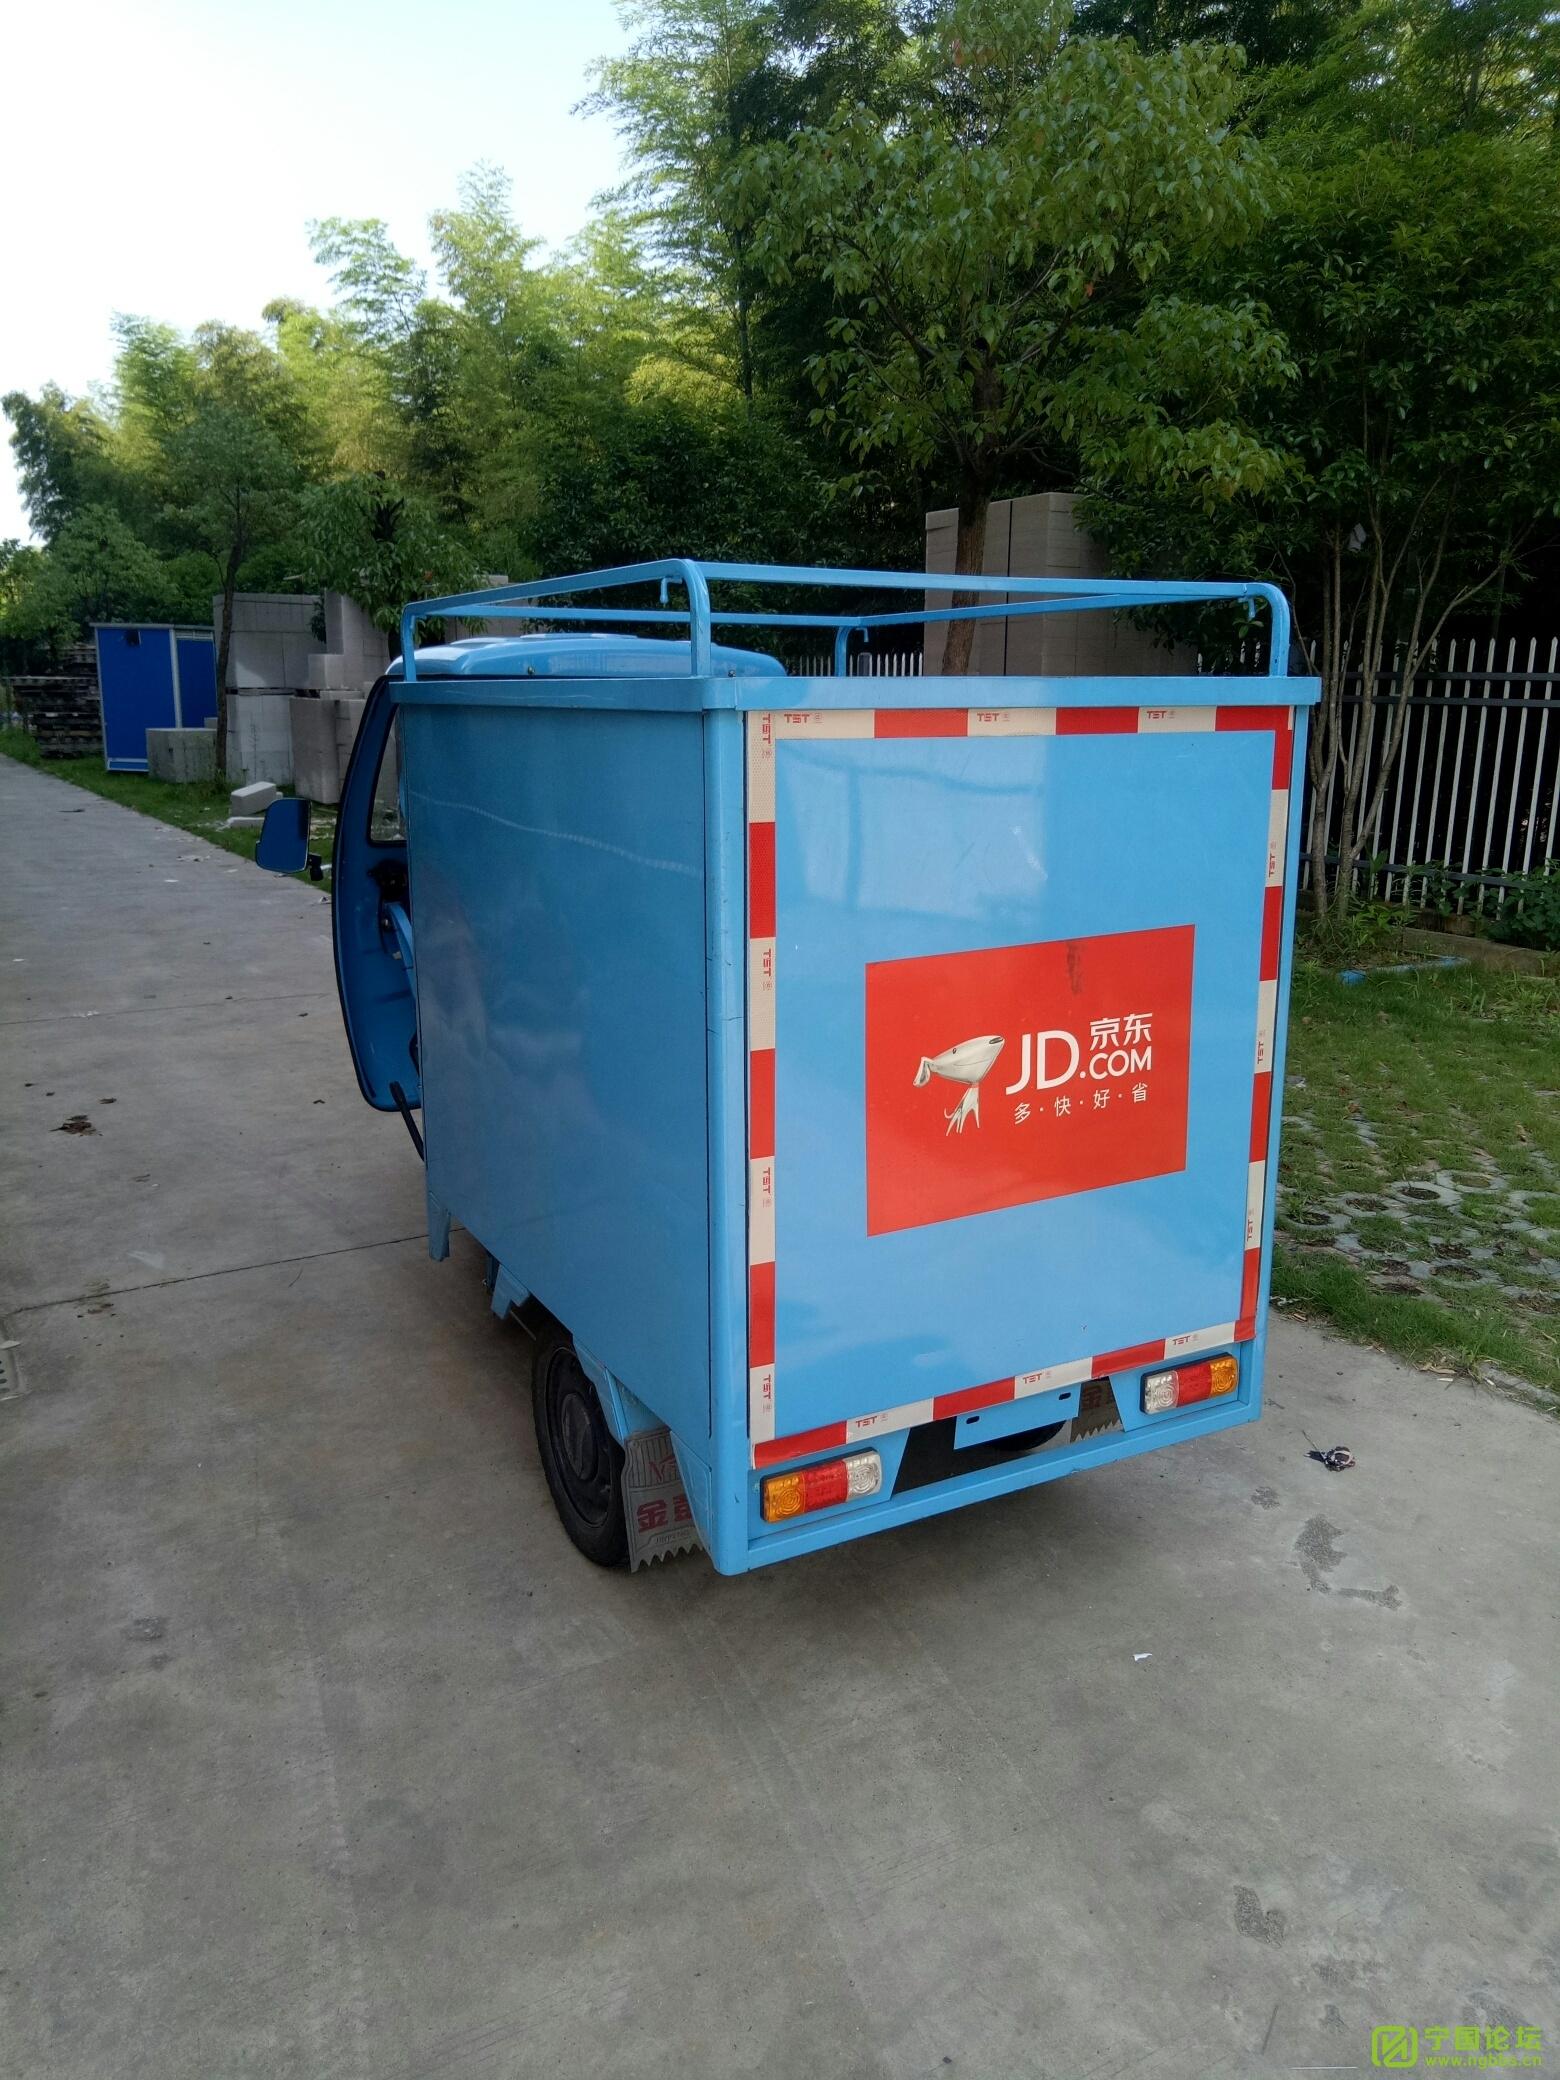 出售电动三轮车一辆,买来半年多时 - 宁国论坛 - 1593504874868882_250.jpg